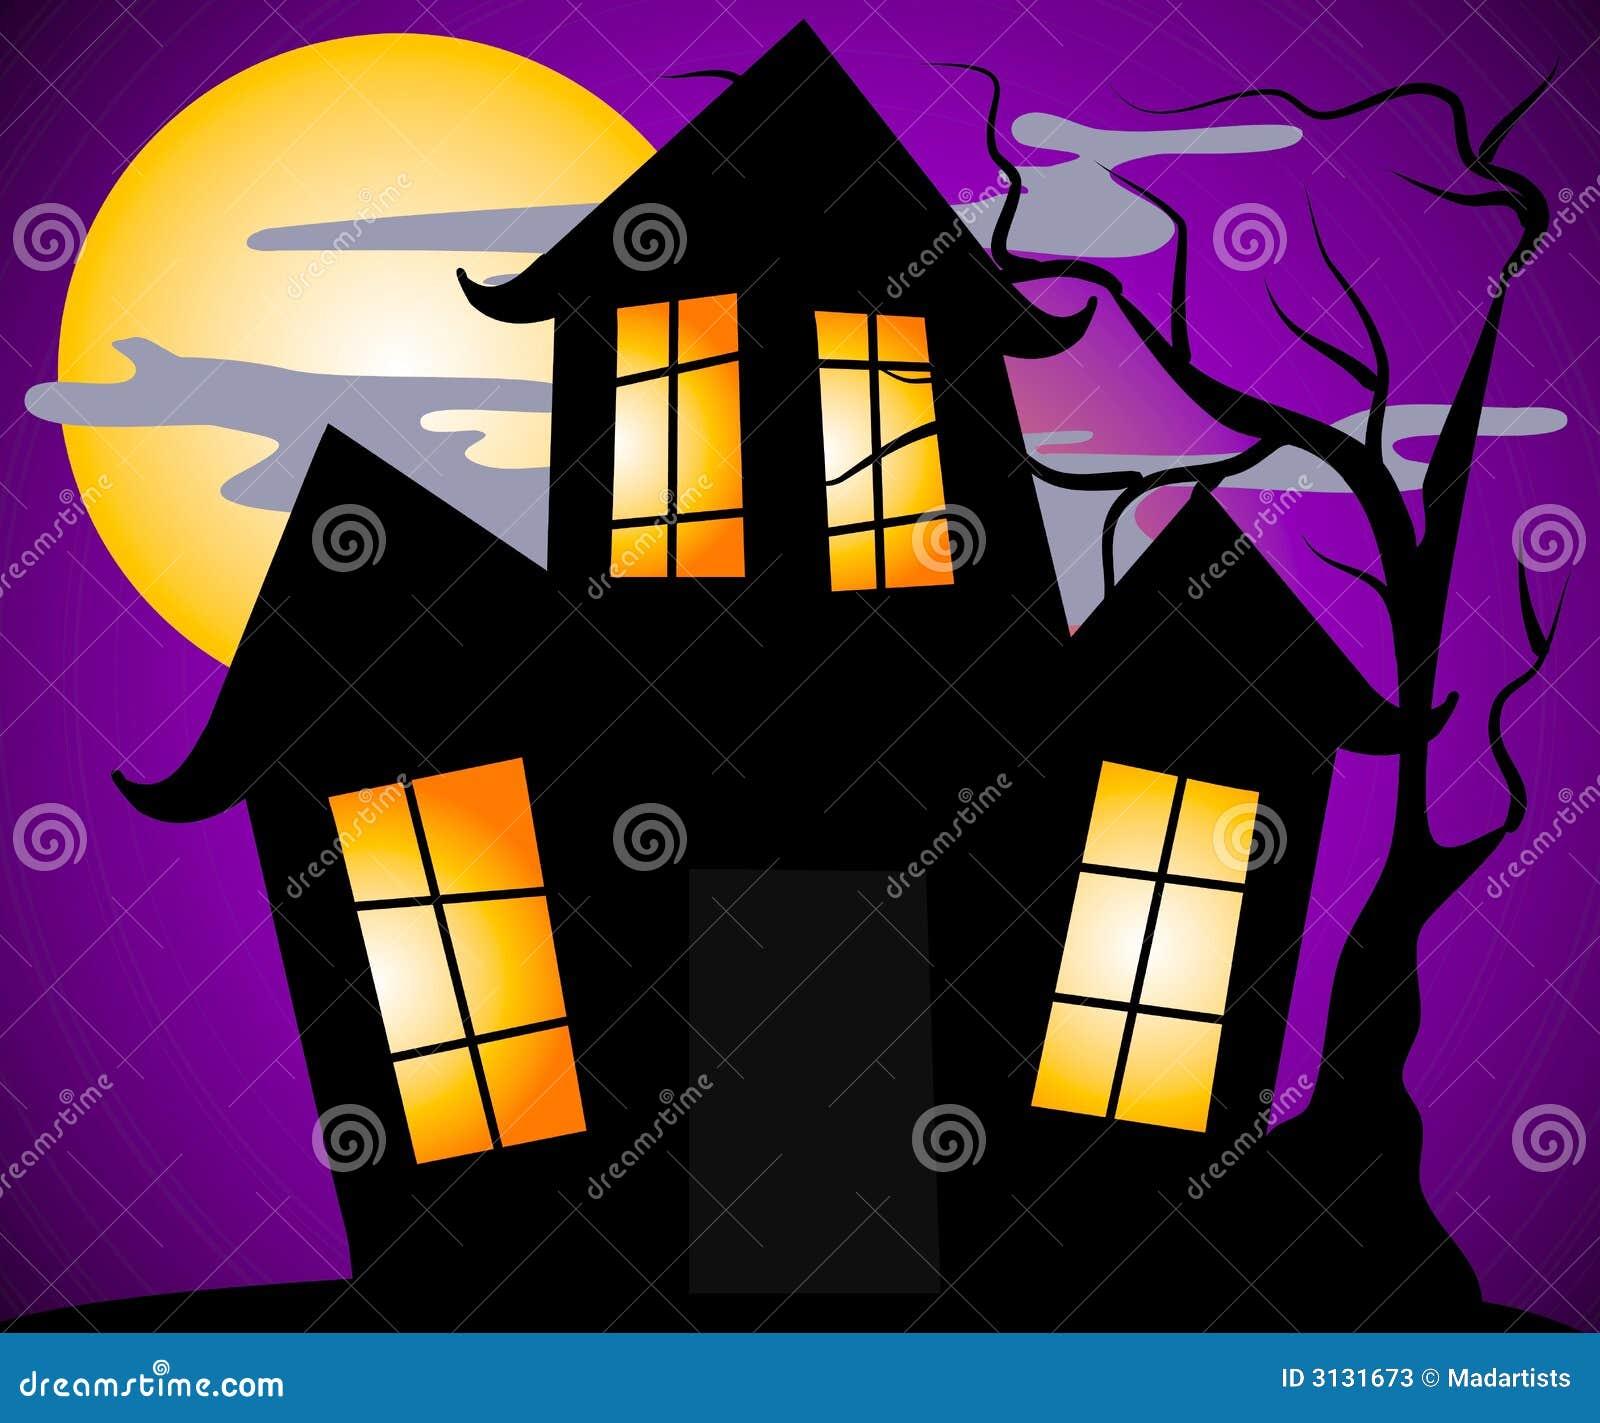 halloween scene clipart - photo #31